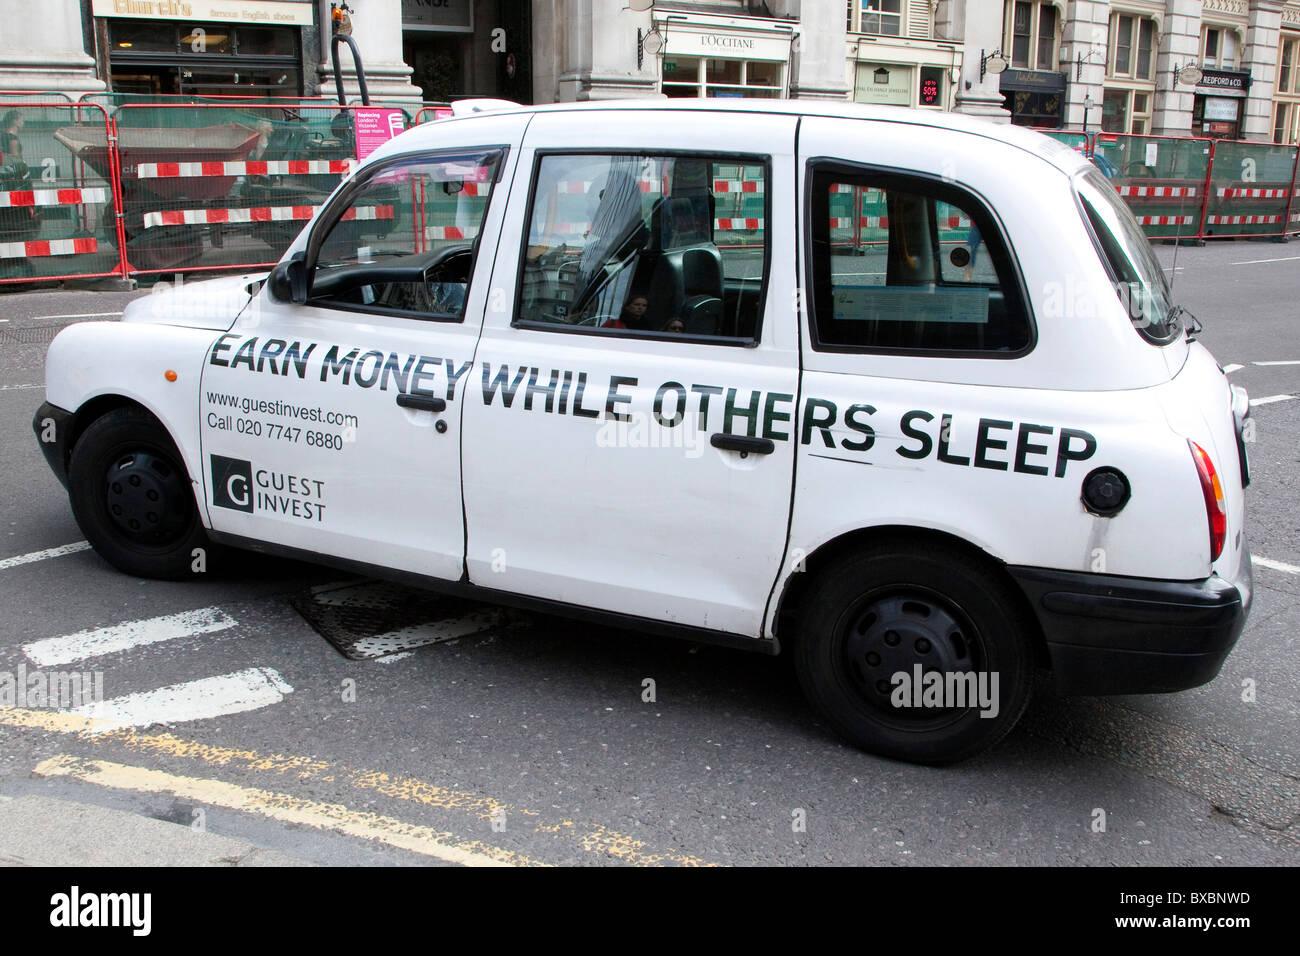 Taxi mit Werbung, verdienen Geld, während andere schlafen, in London, England, Vereinigtes Königreich, Stockbild